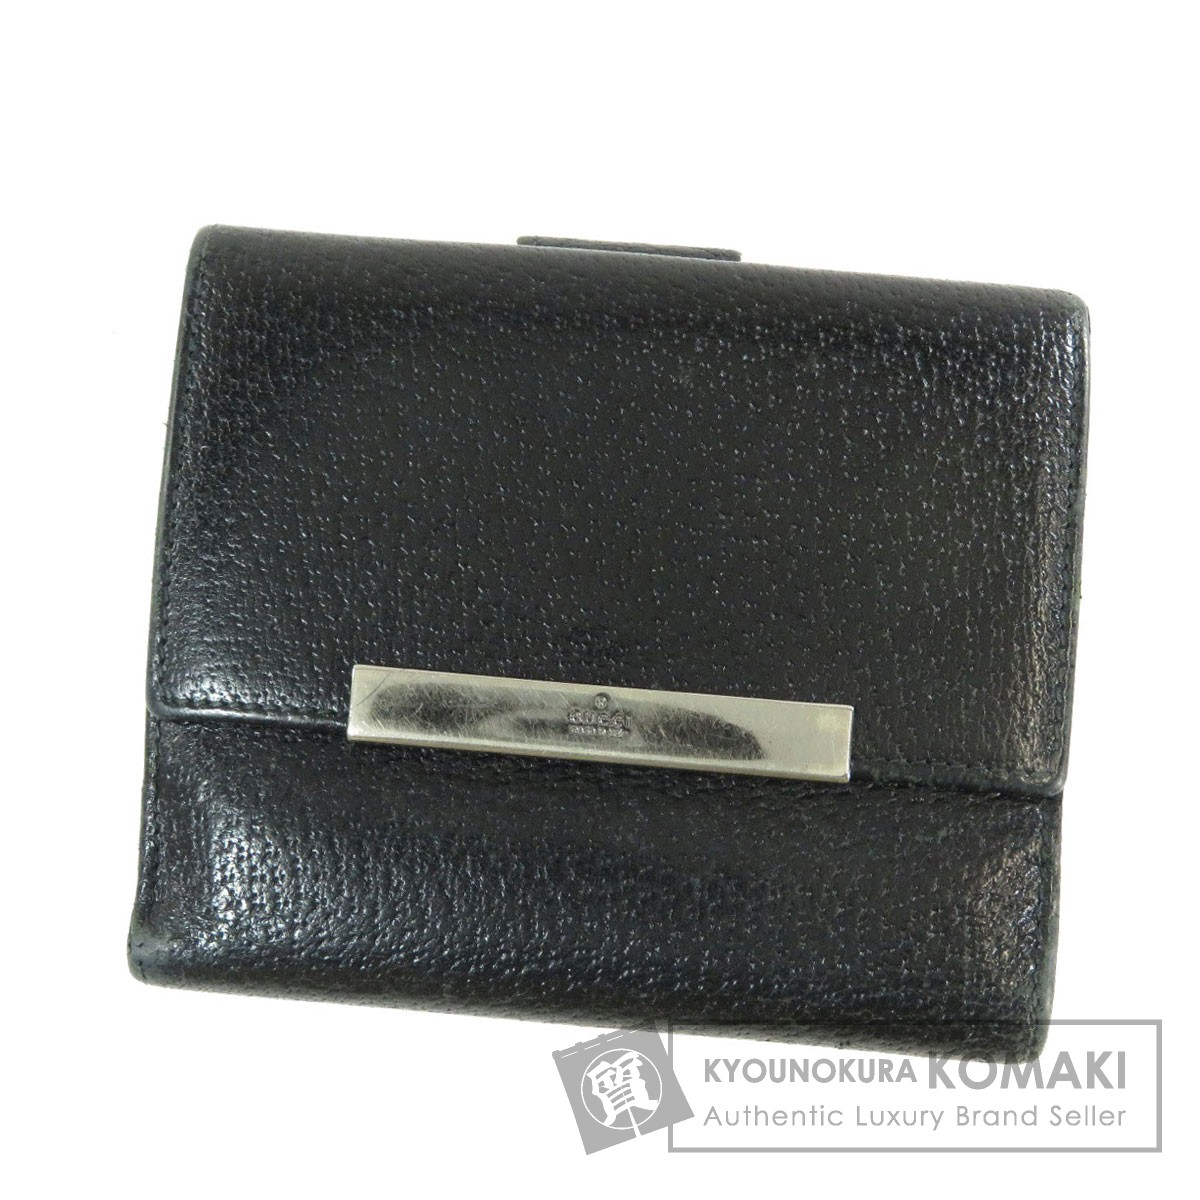 1a5011e27787 グッチ 035・3731 ロゴ金具 二つ折り財布(小銭入れあり) レザー メンズ